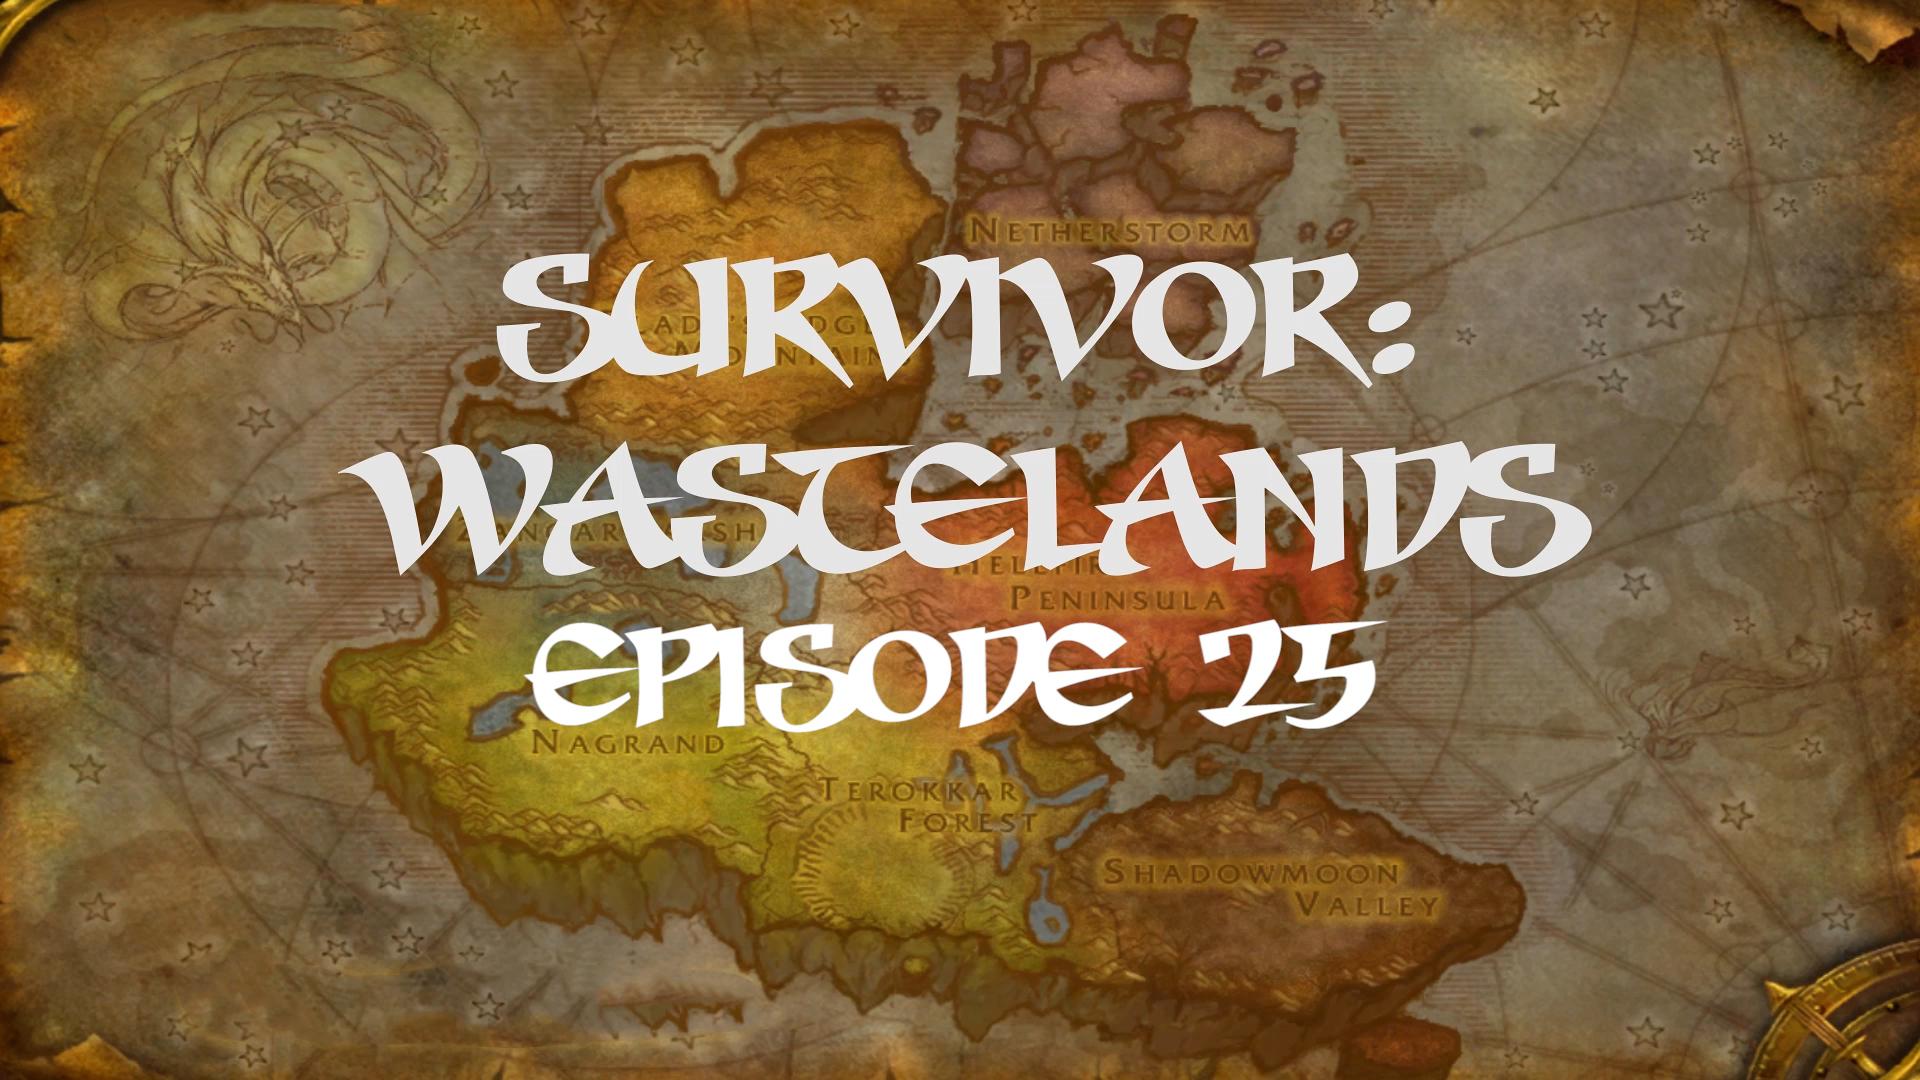 Survivor Wastelands Episode 25.jpg